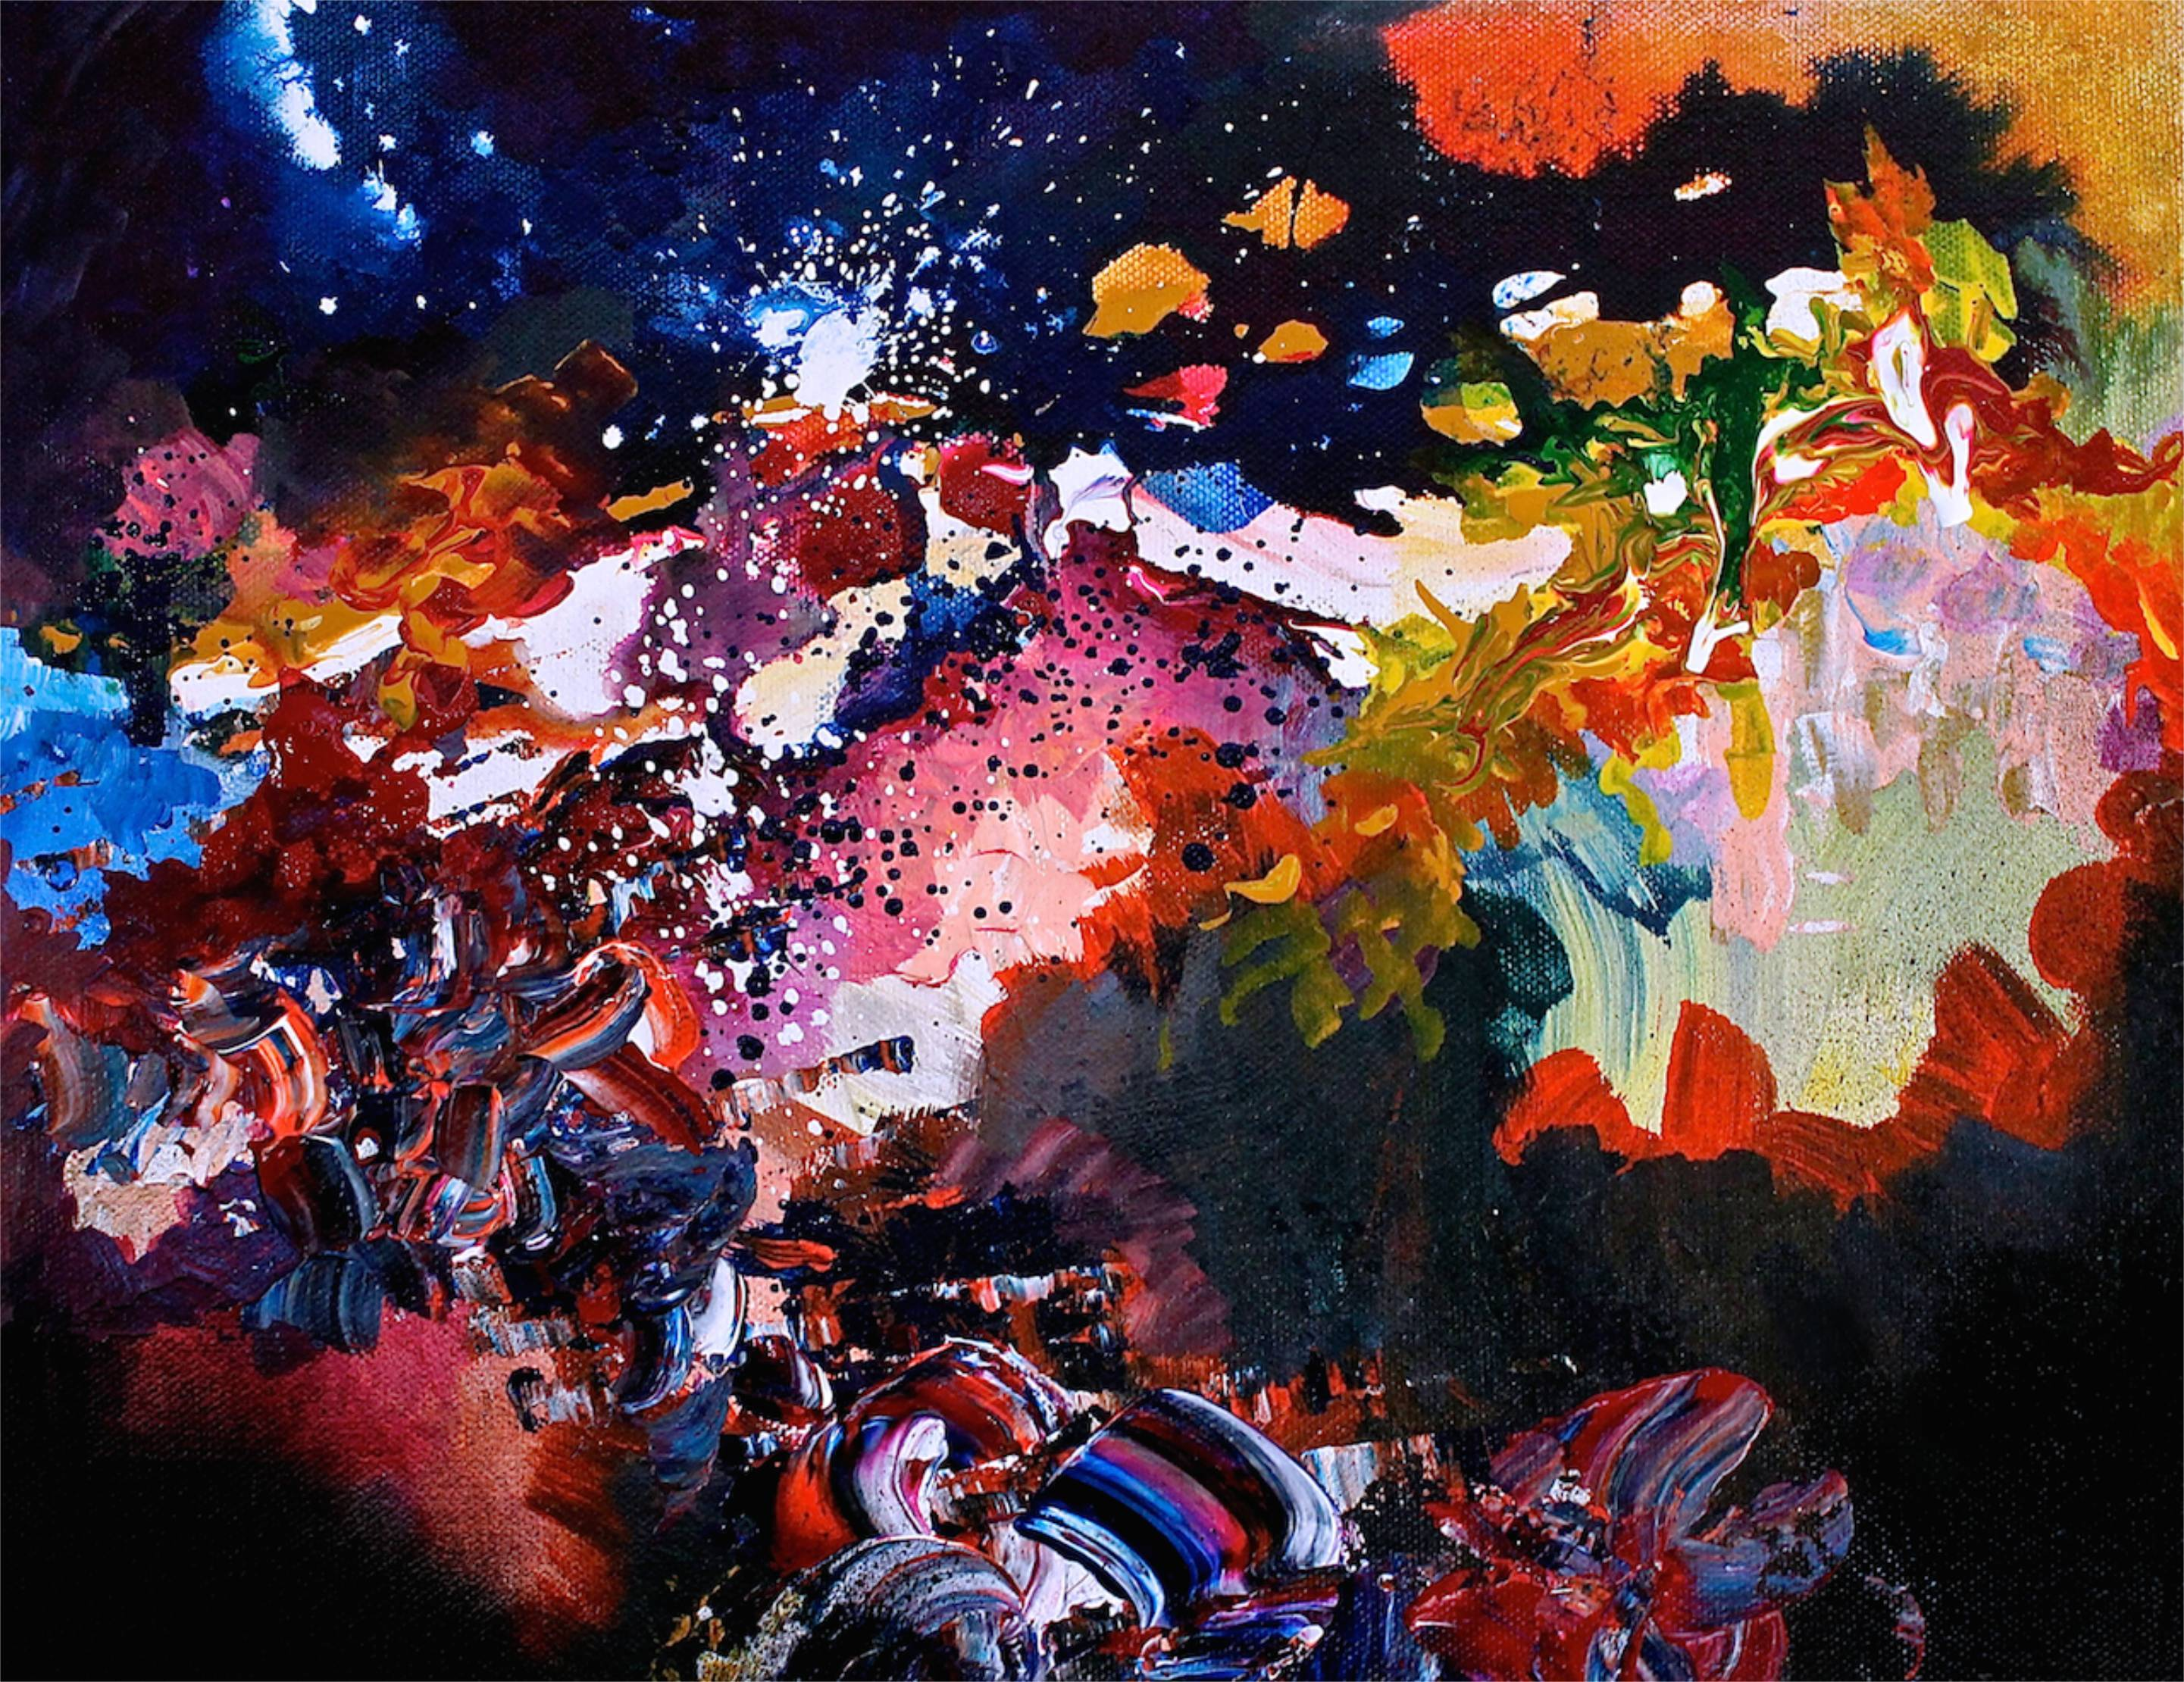 Une artiste avec une forme de synesthésie rare peut voir de la musique, elle peint des chansons célèbres